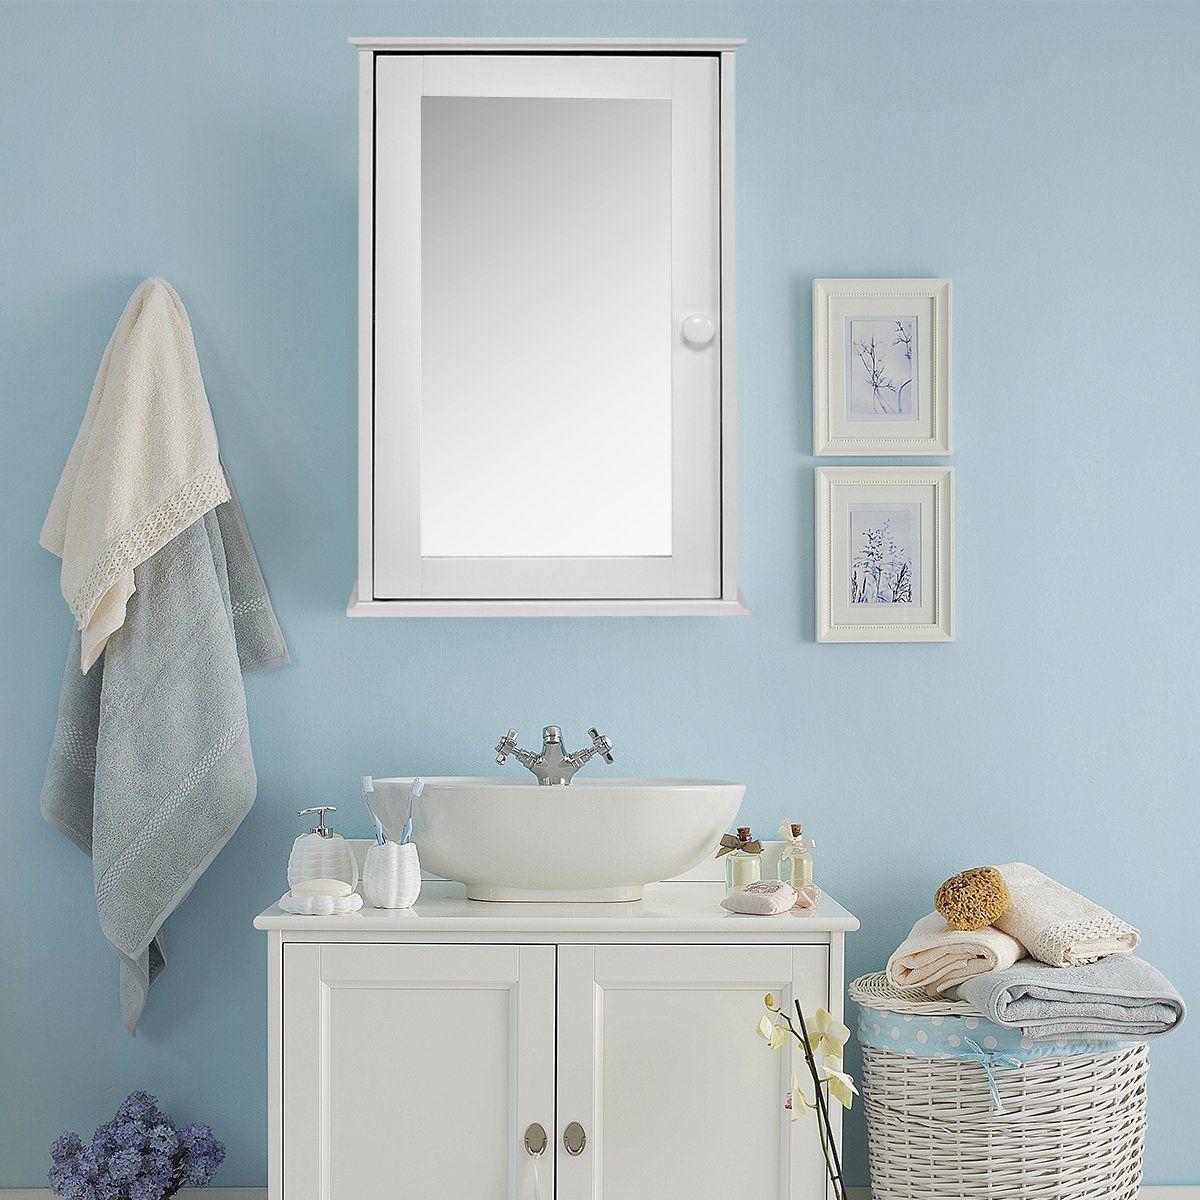 Costway Spiegelschrank Badschrank Hangeschrank Wandschrank Badezimmerschrank Badregal Badmobel 34x15x53cm Amazon De Kuche Haushalt In 2019 Bathroom Mirror Cabinet Bathroom Bathroom Cabinets